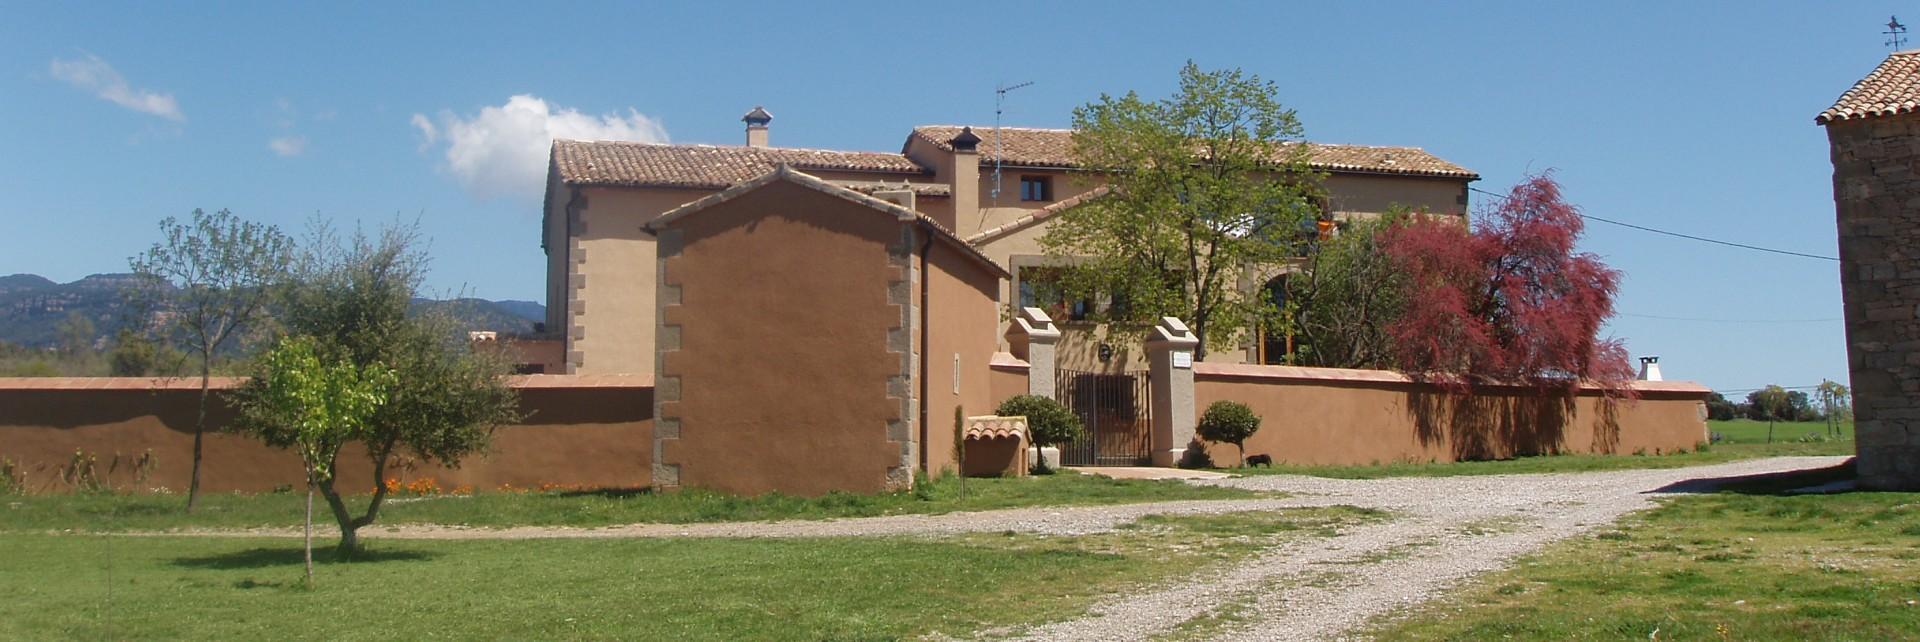 La masoveria de montany del pla casa rural barcelona bergueda pirineu - Casa rural can salva ...